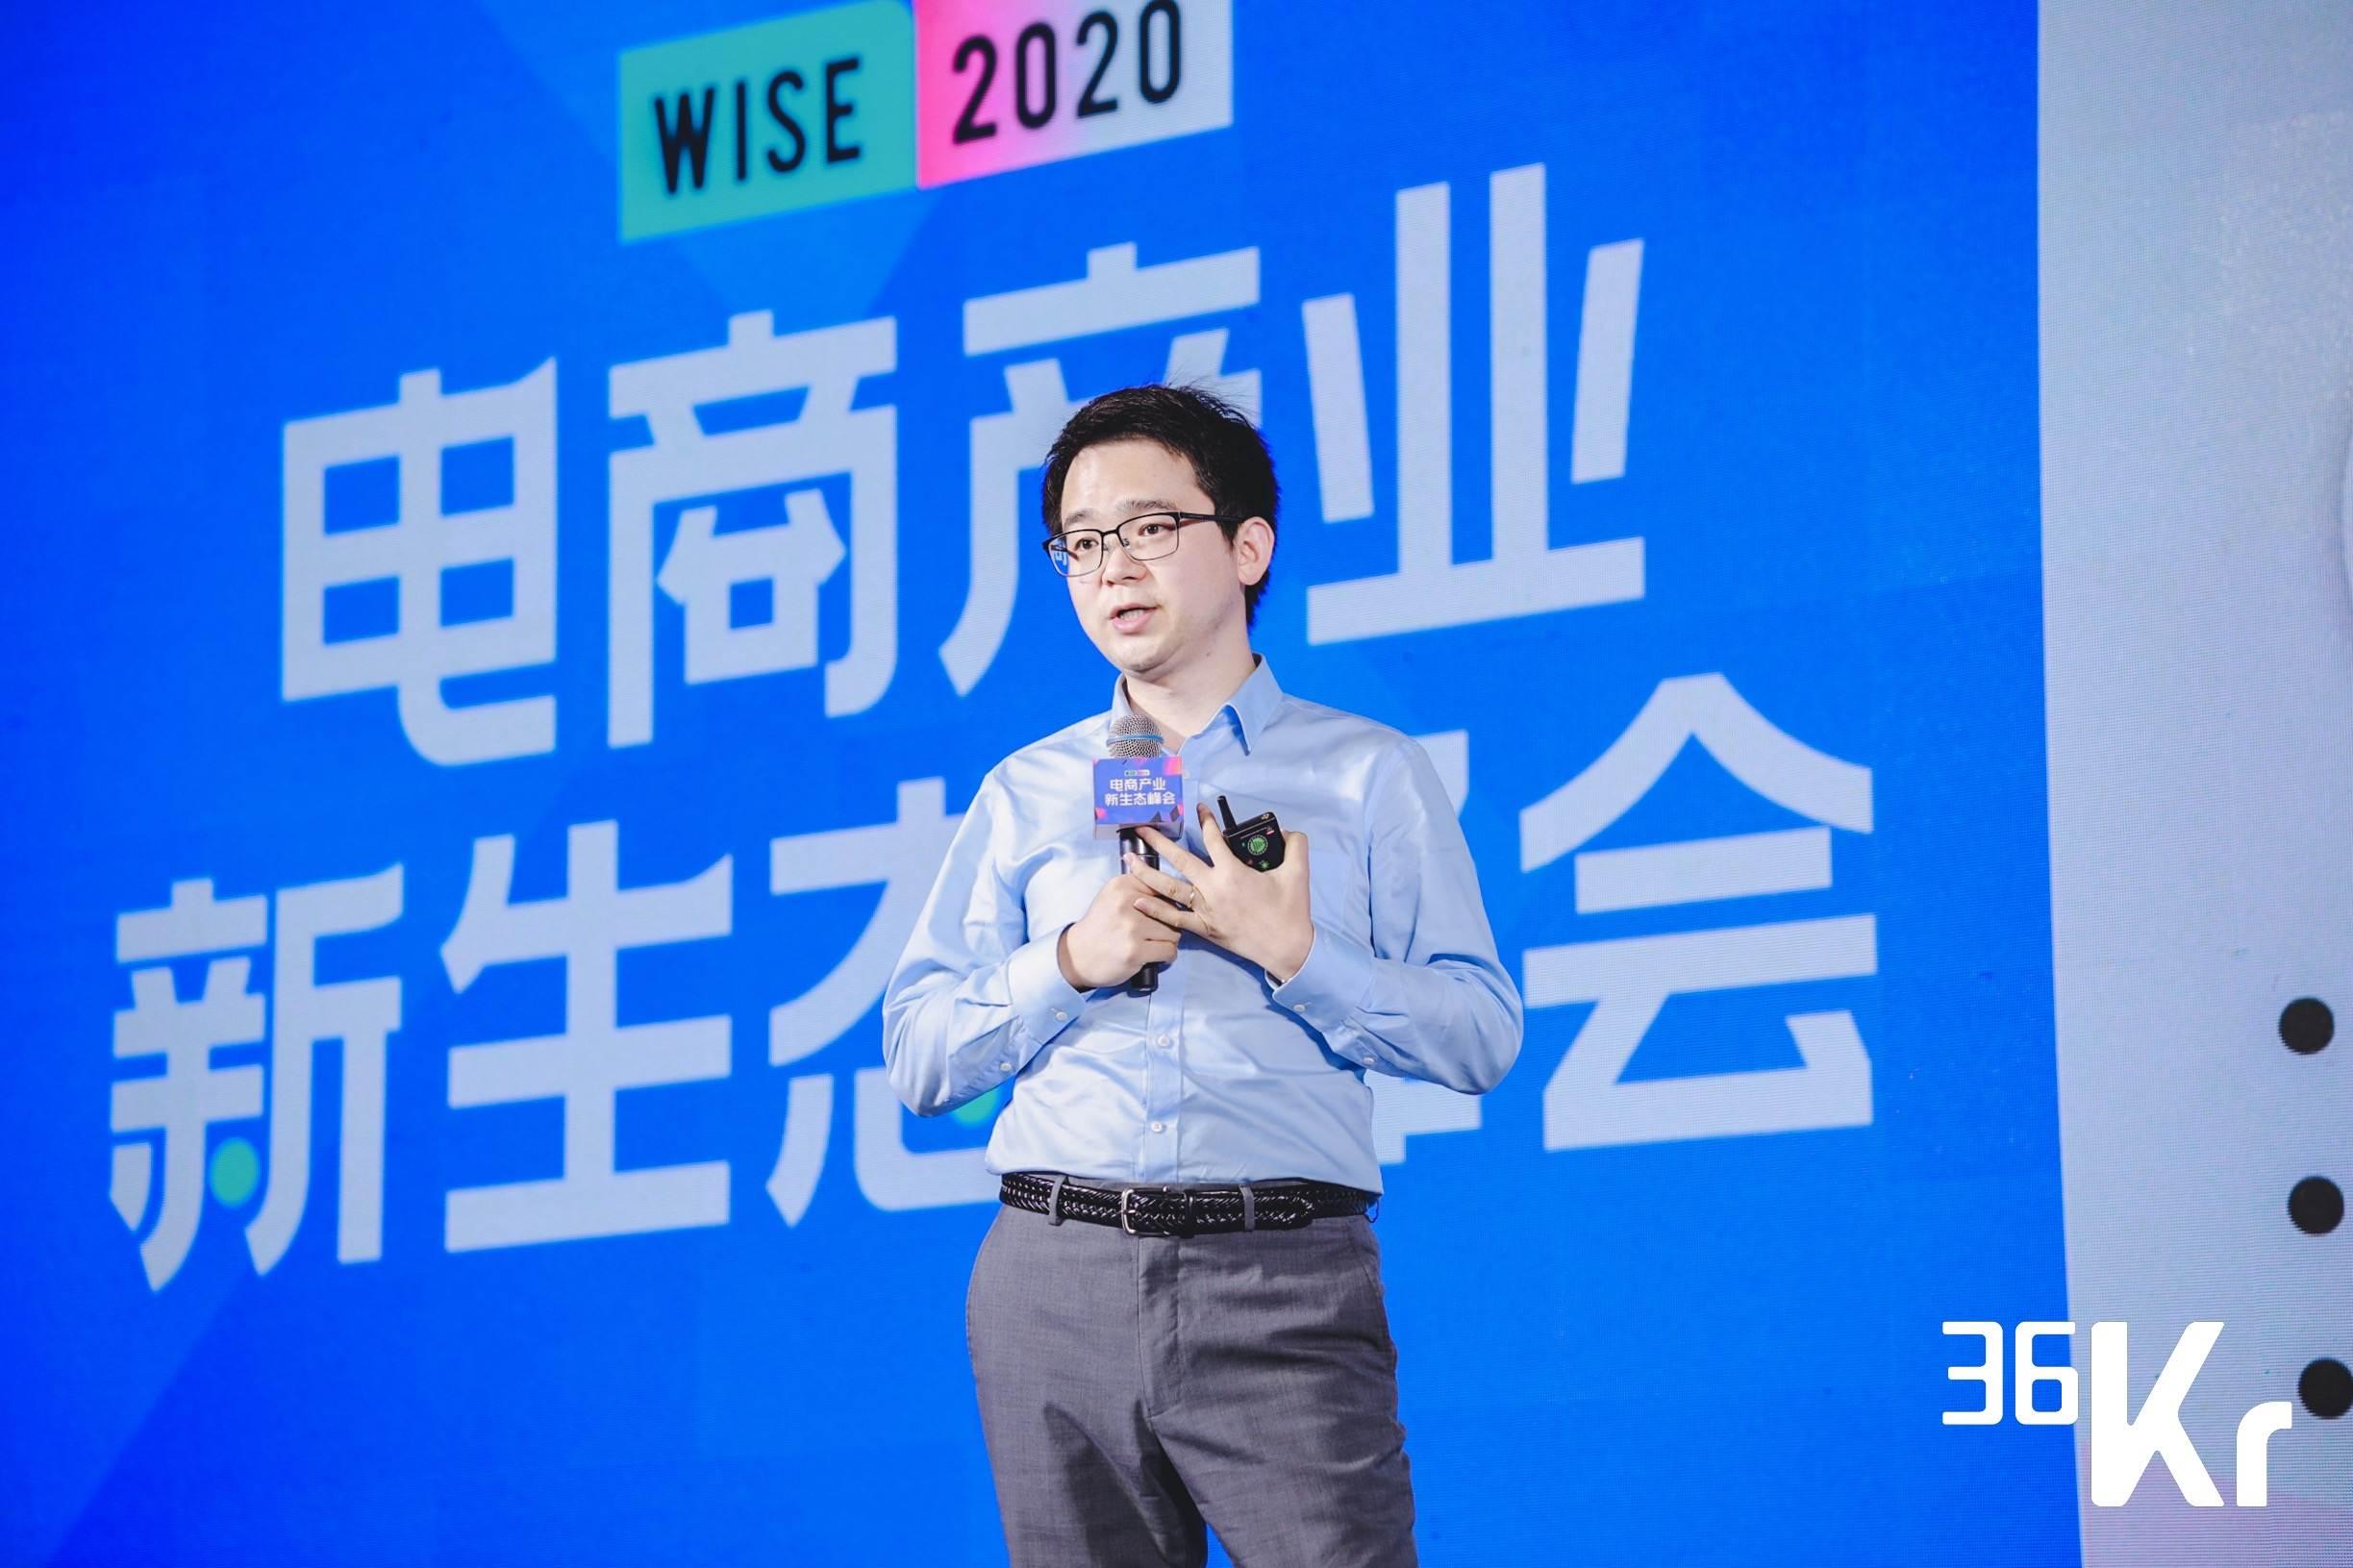 魔筷科技薛元昊:成就主播与供应商,魔筷将成为最被信赖的电商生态服务商   WISE2020电商产业新生态峰会